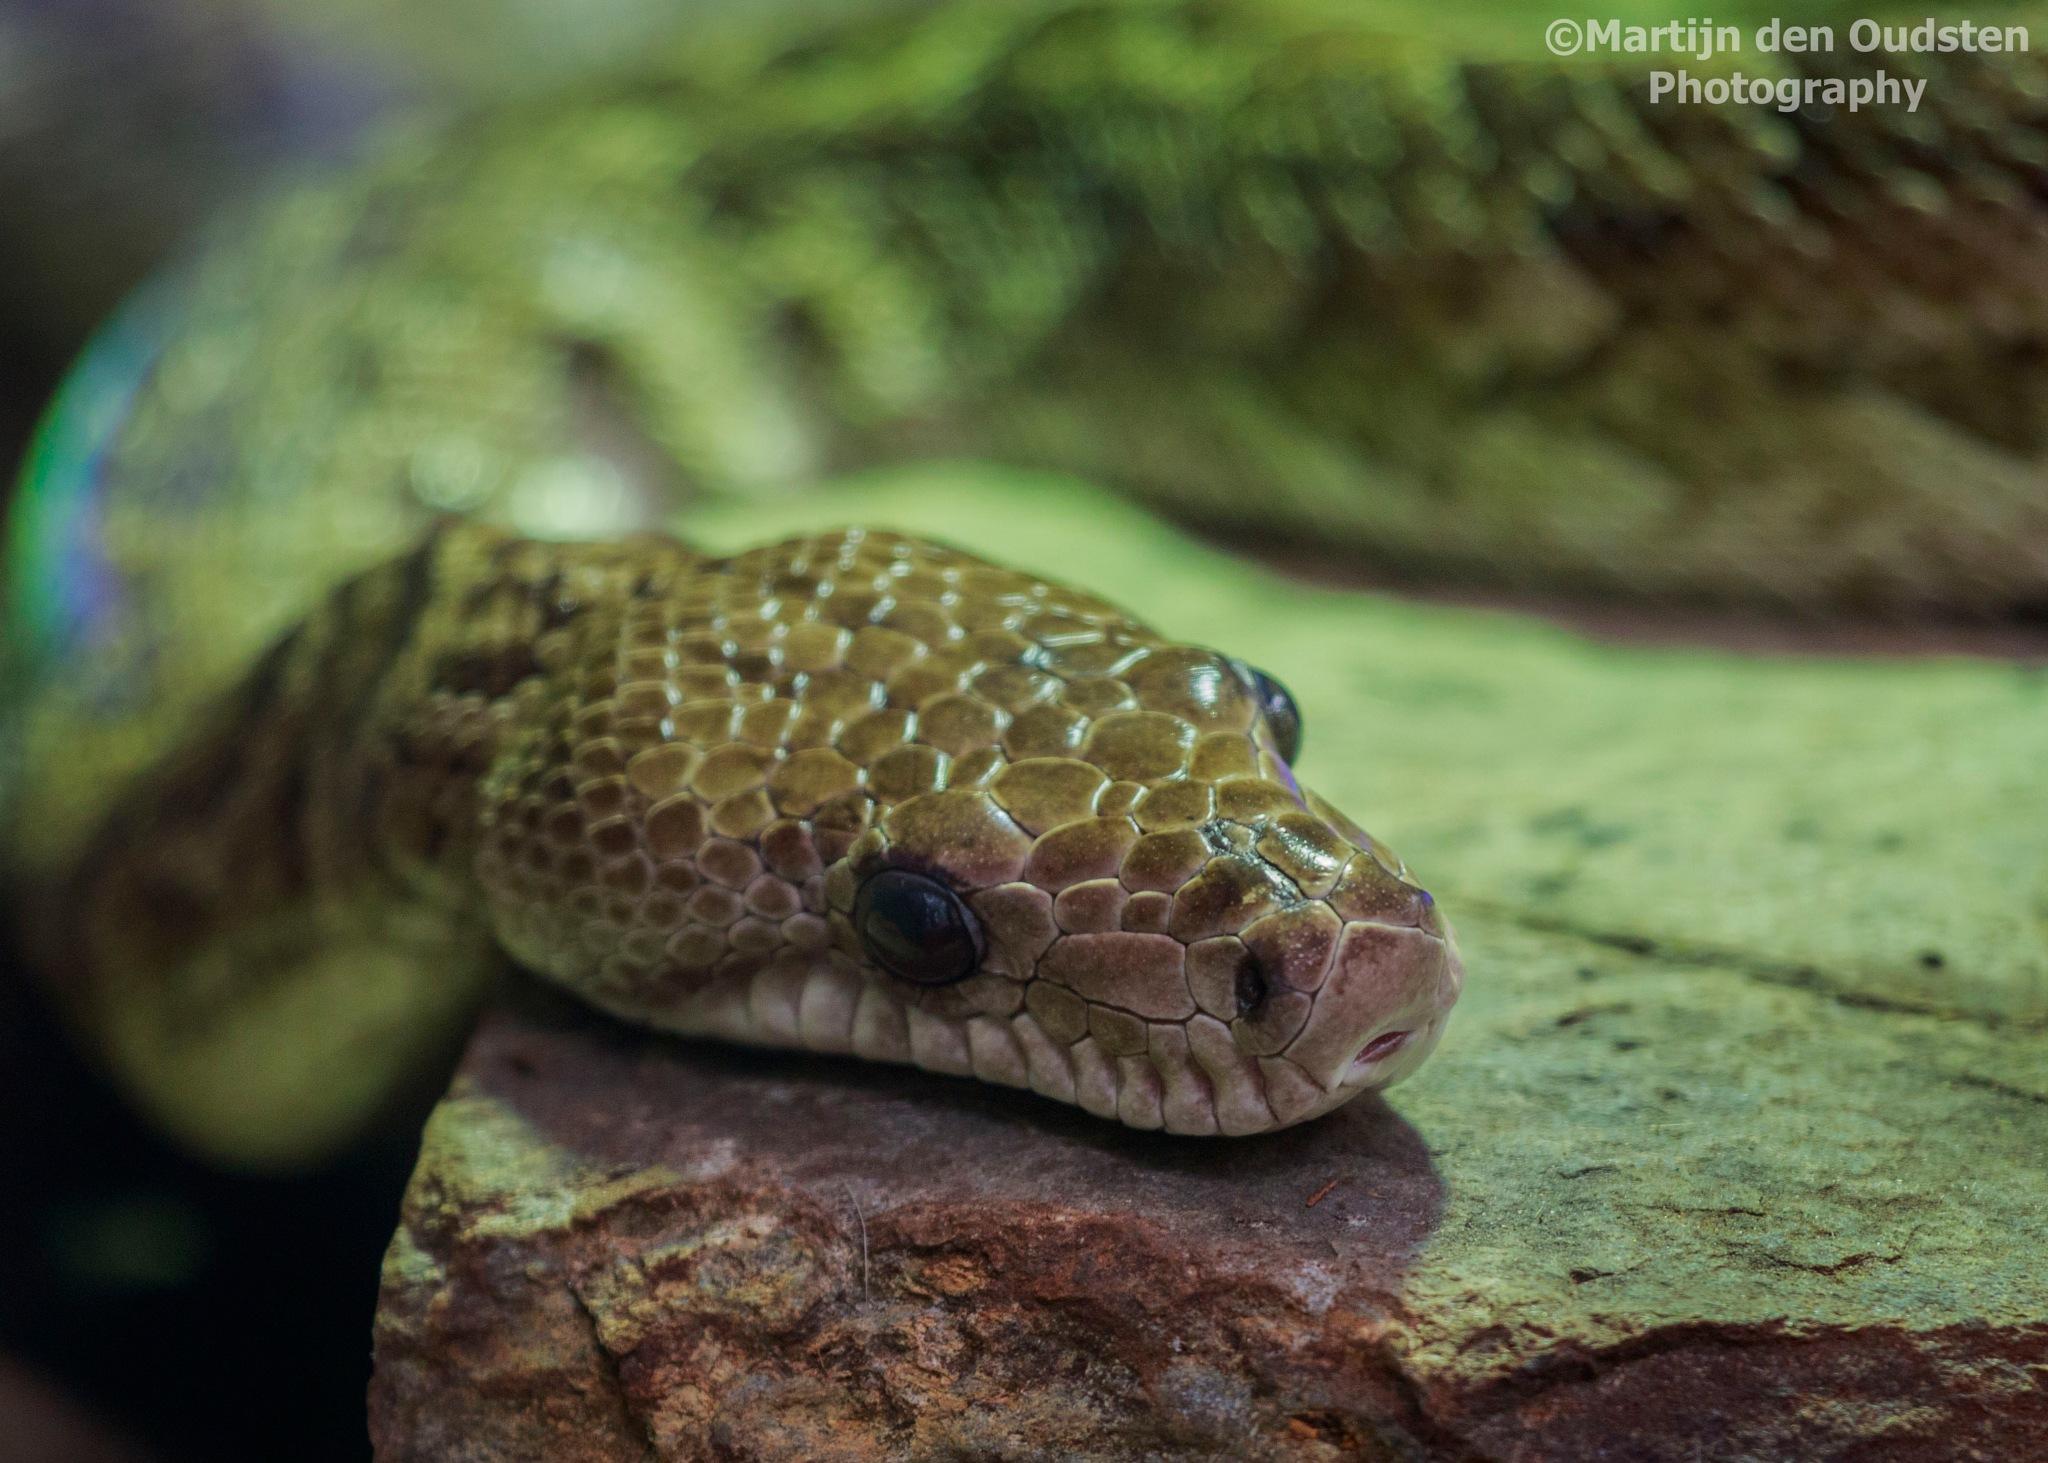 Snake by Martijn Den Oudsten